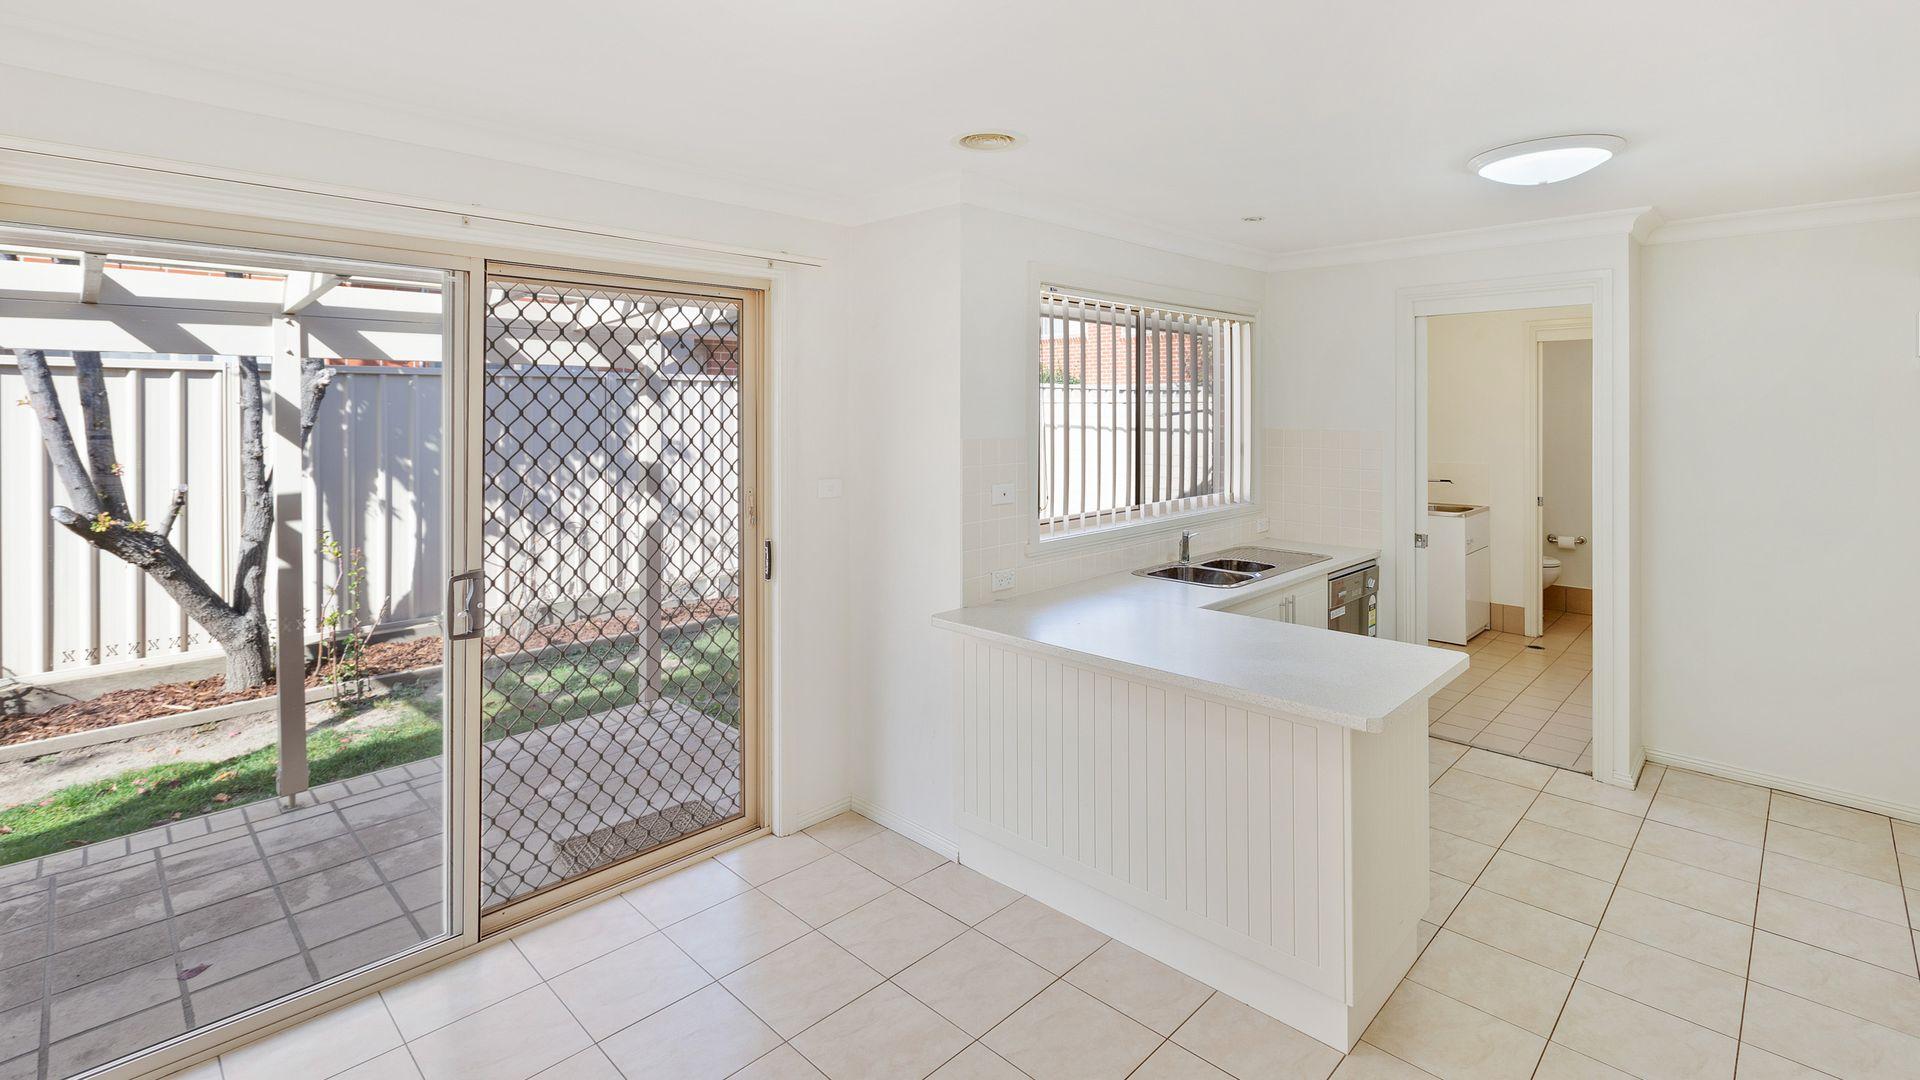 3/128 Howick Street, Bathurst NSW 2795, Image 1